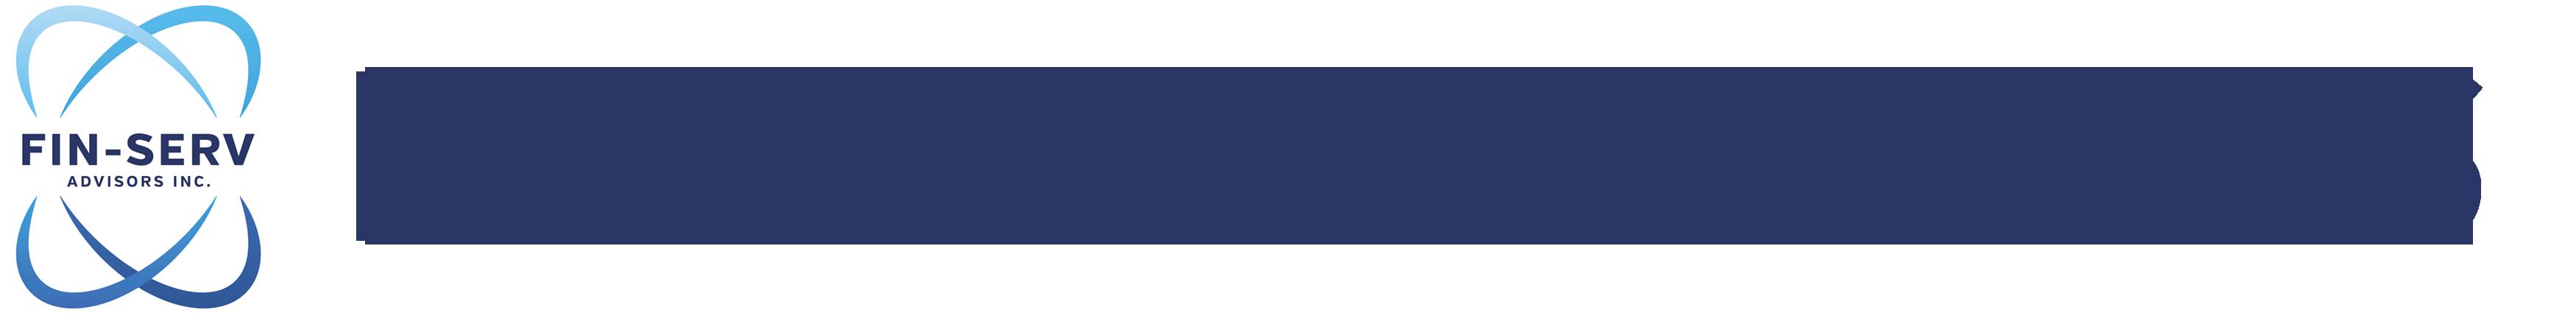 Fin-Serv Advisors Inc